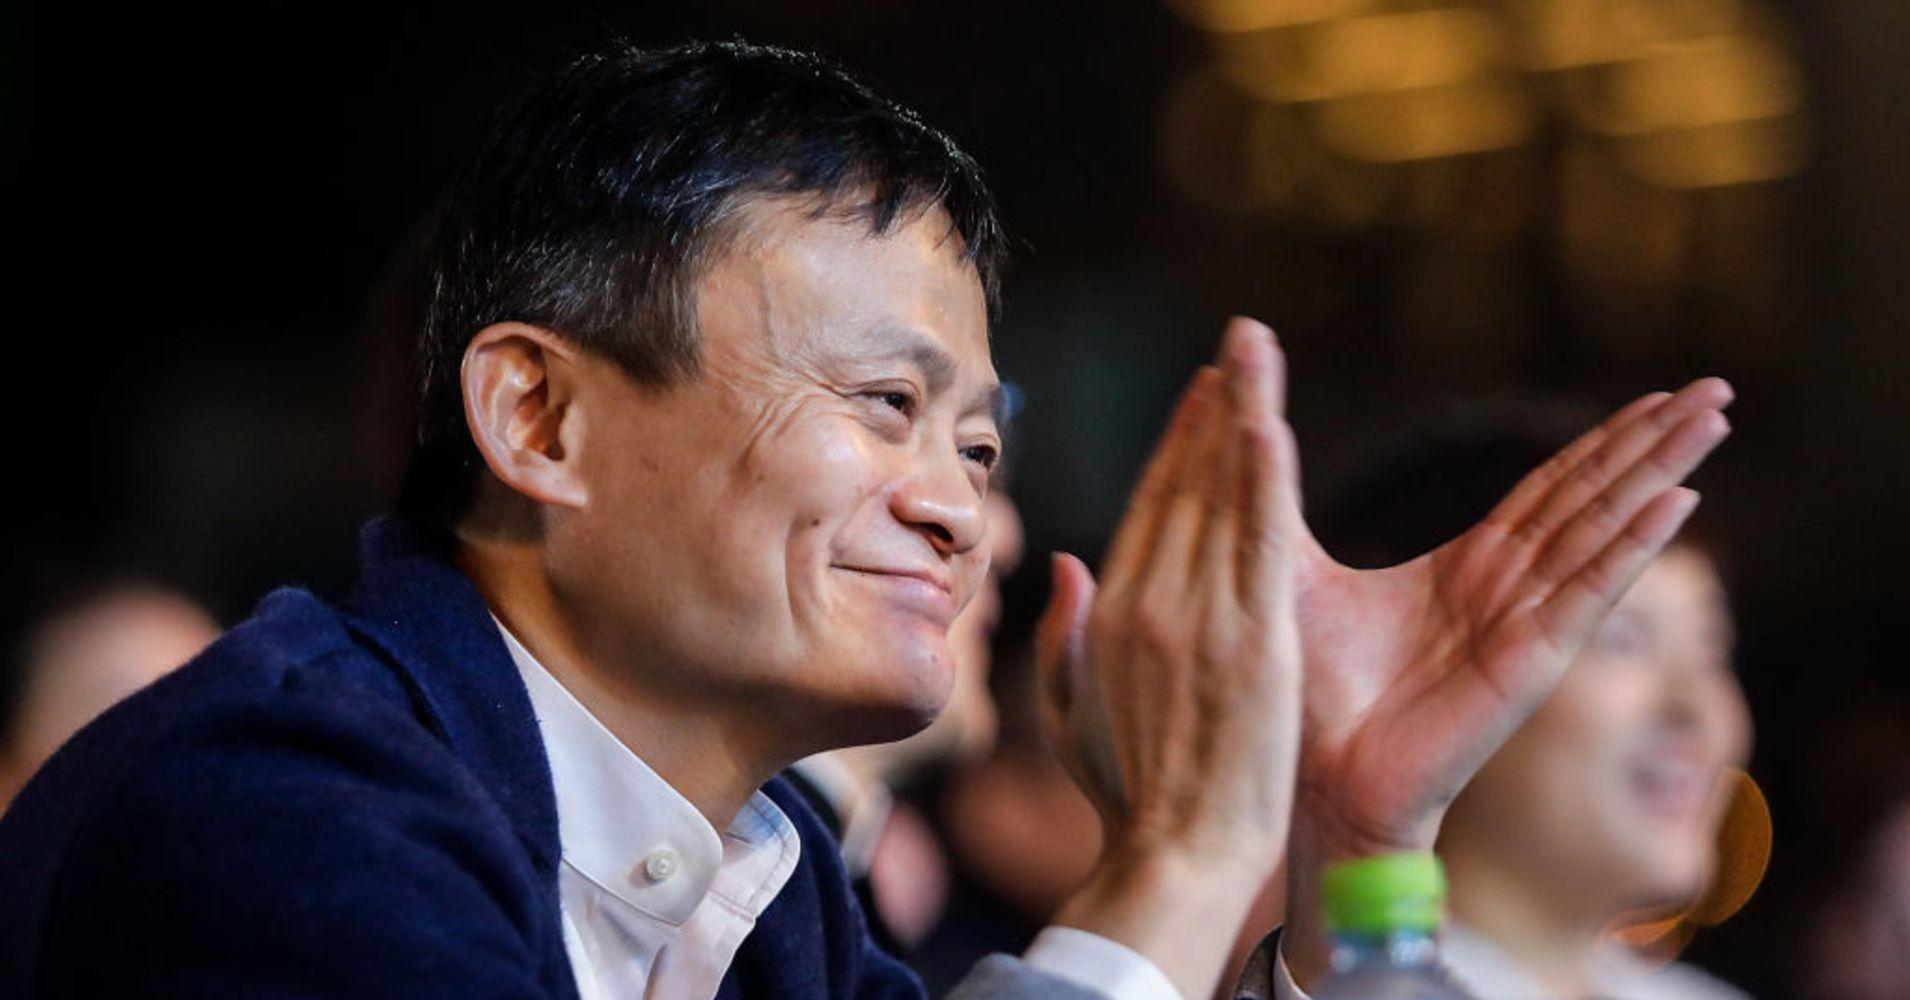 Nếu đem gửi hết tài sản vào ngân hàng, Jack Ma sẽ kiếm được bao nhiêu? - 1